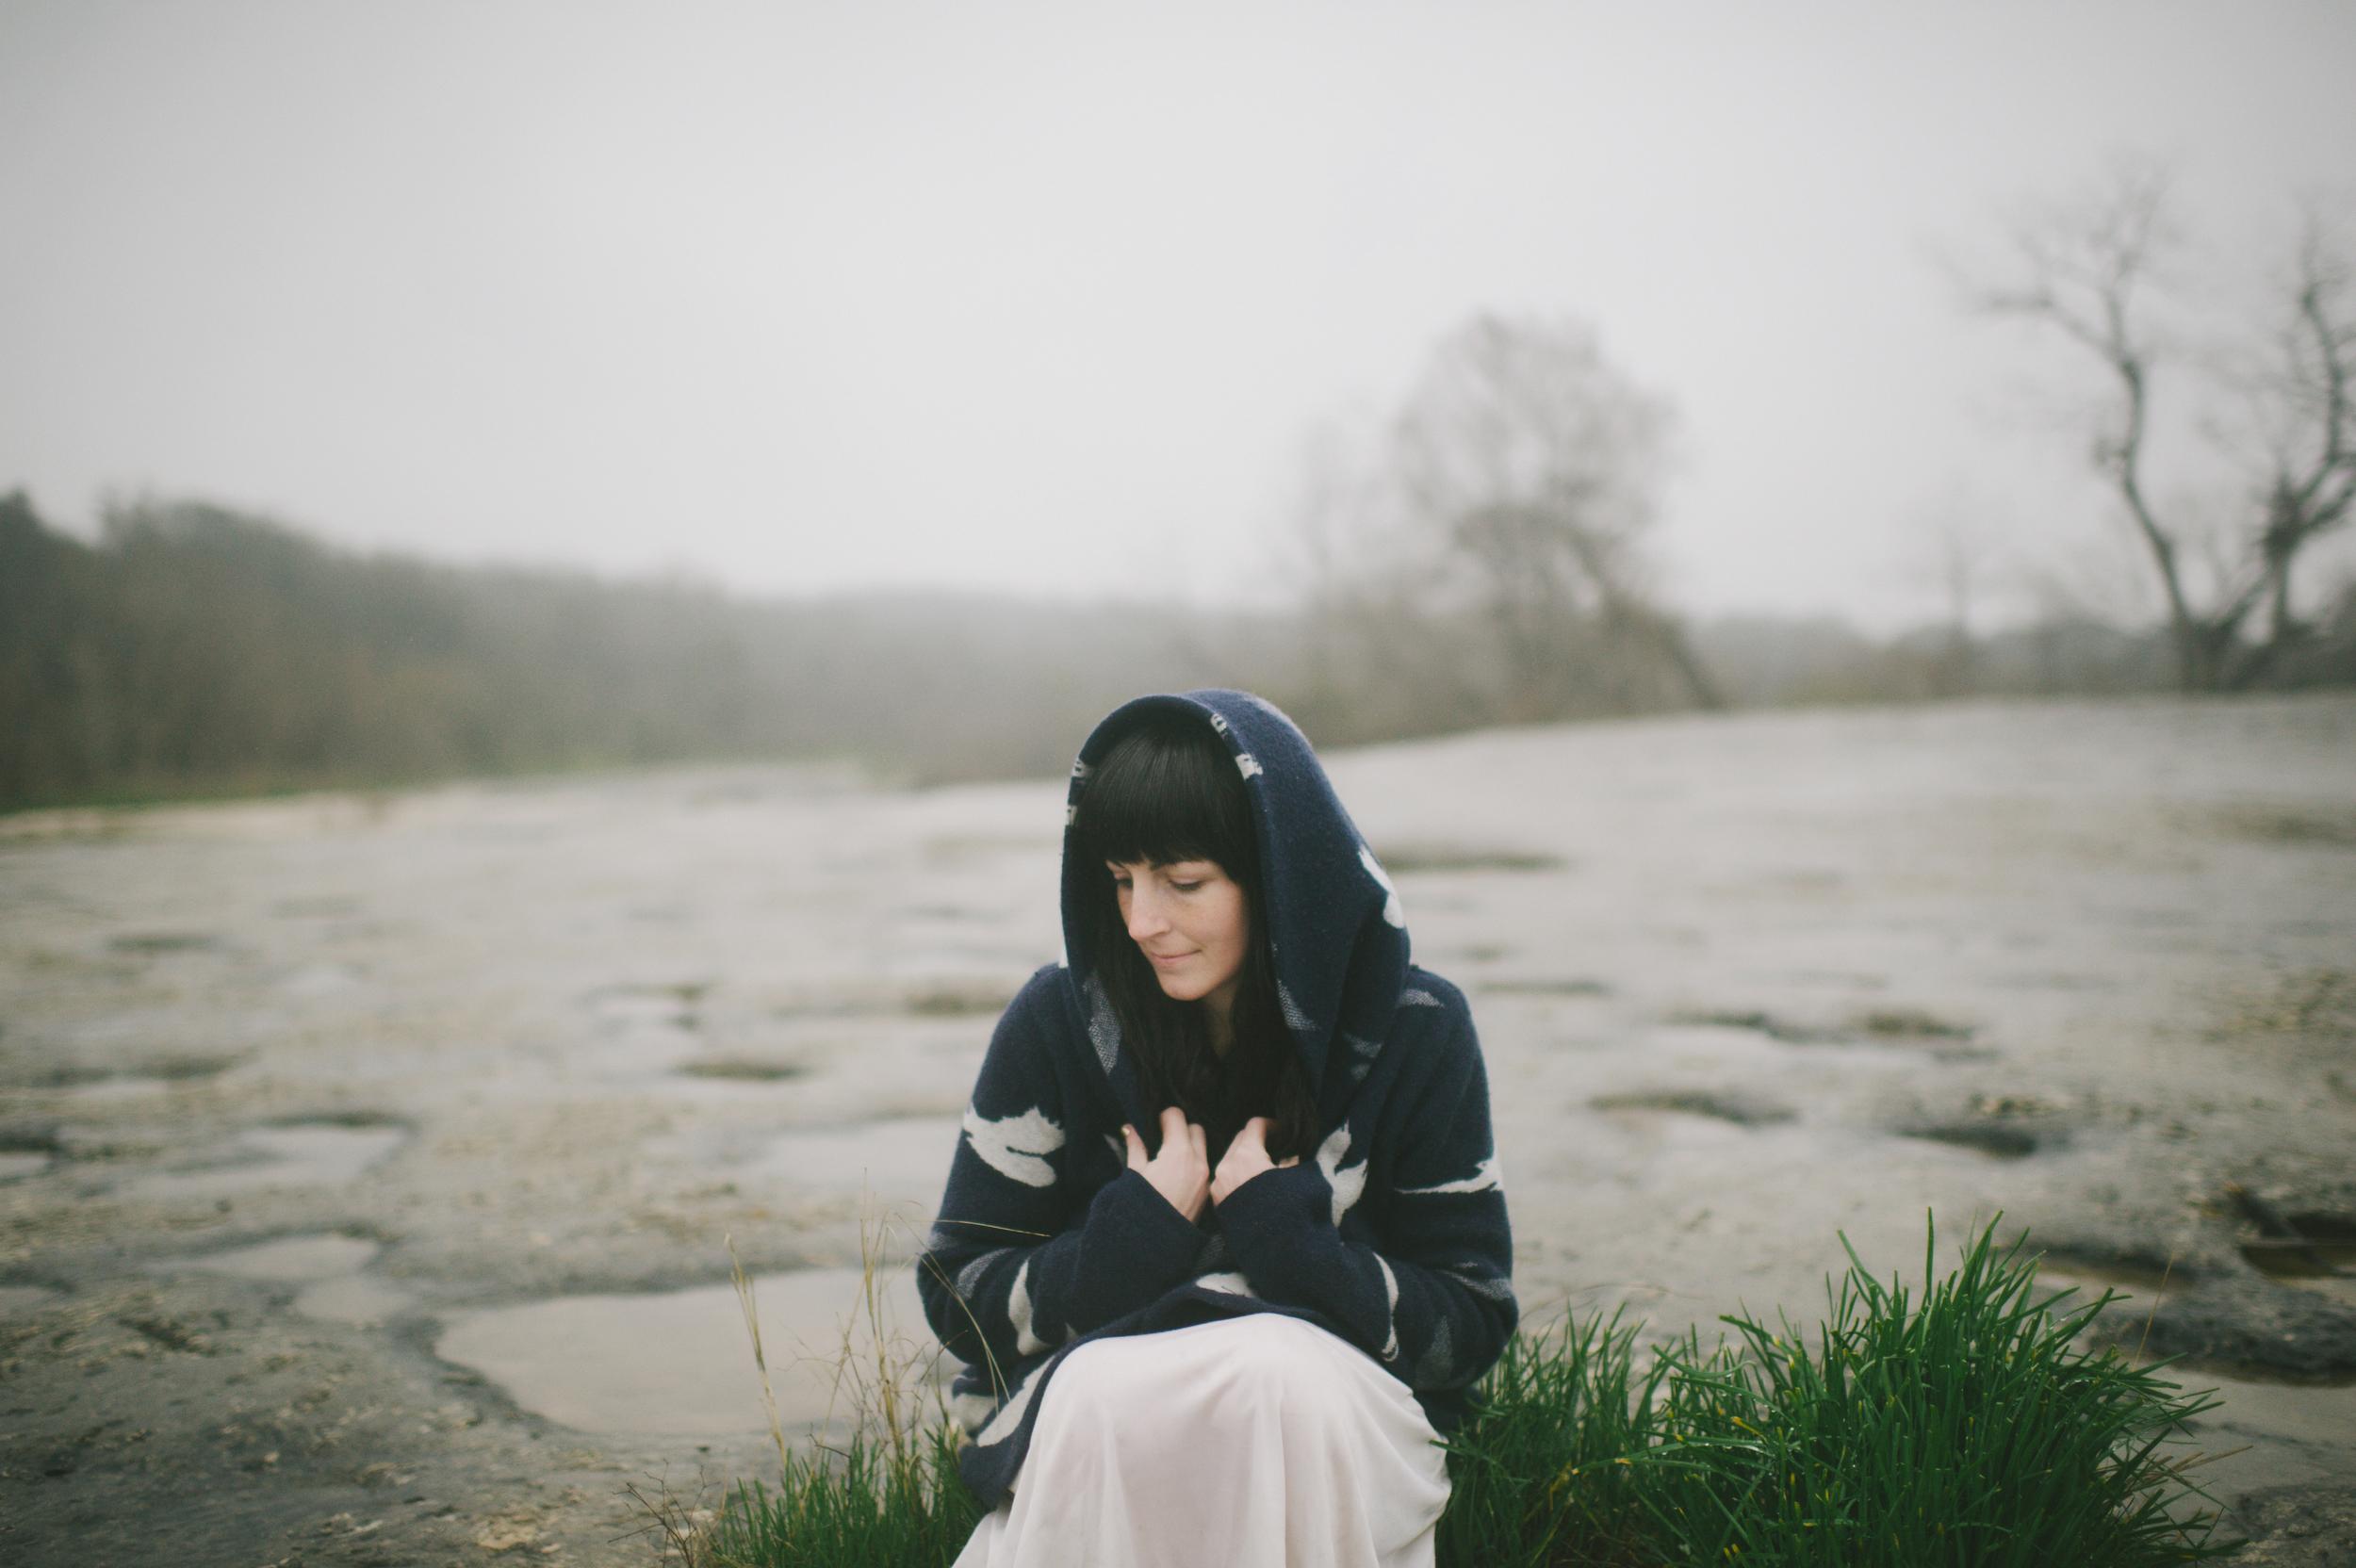 river-story-joy-gardella128.JPG